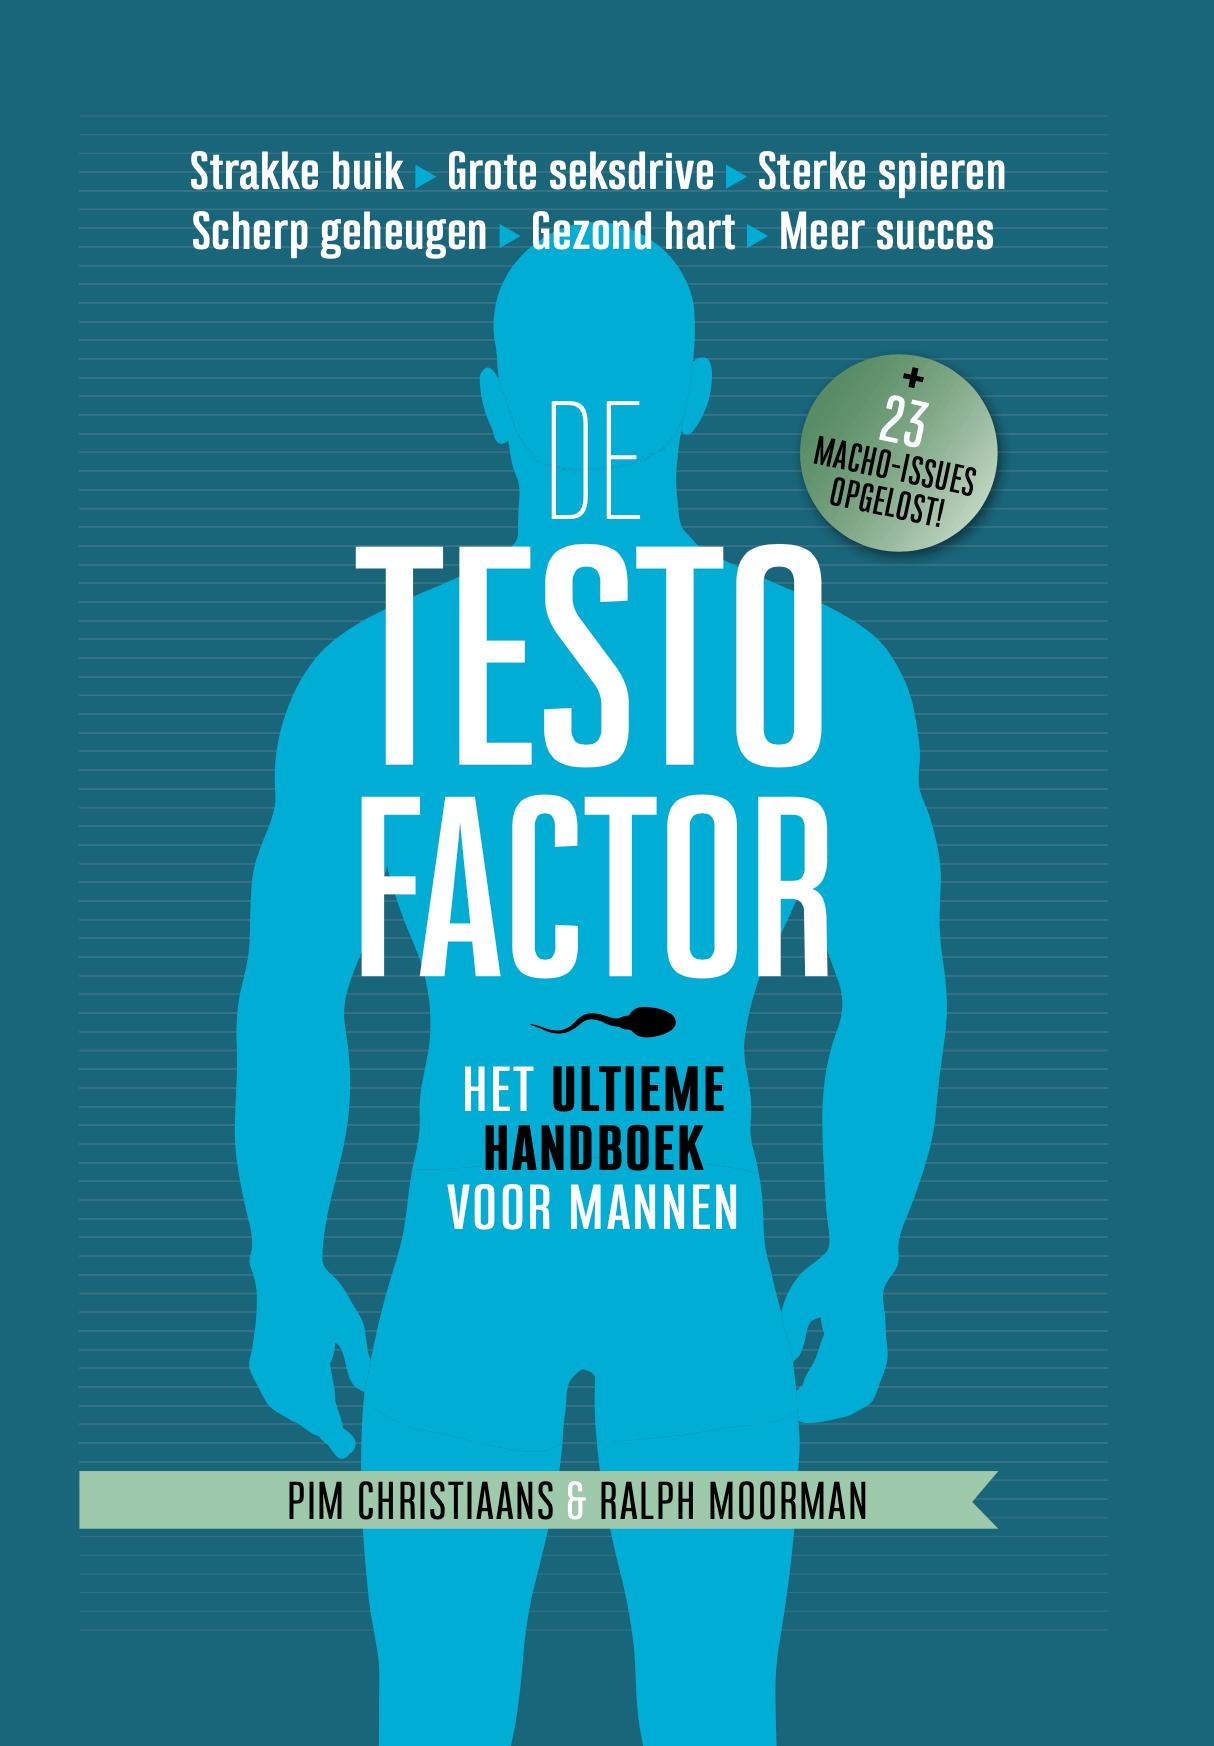 testo factor